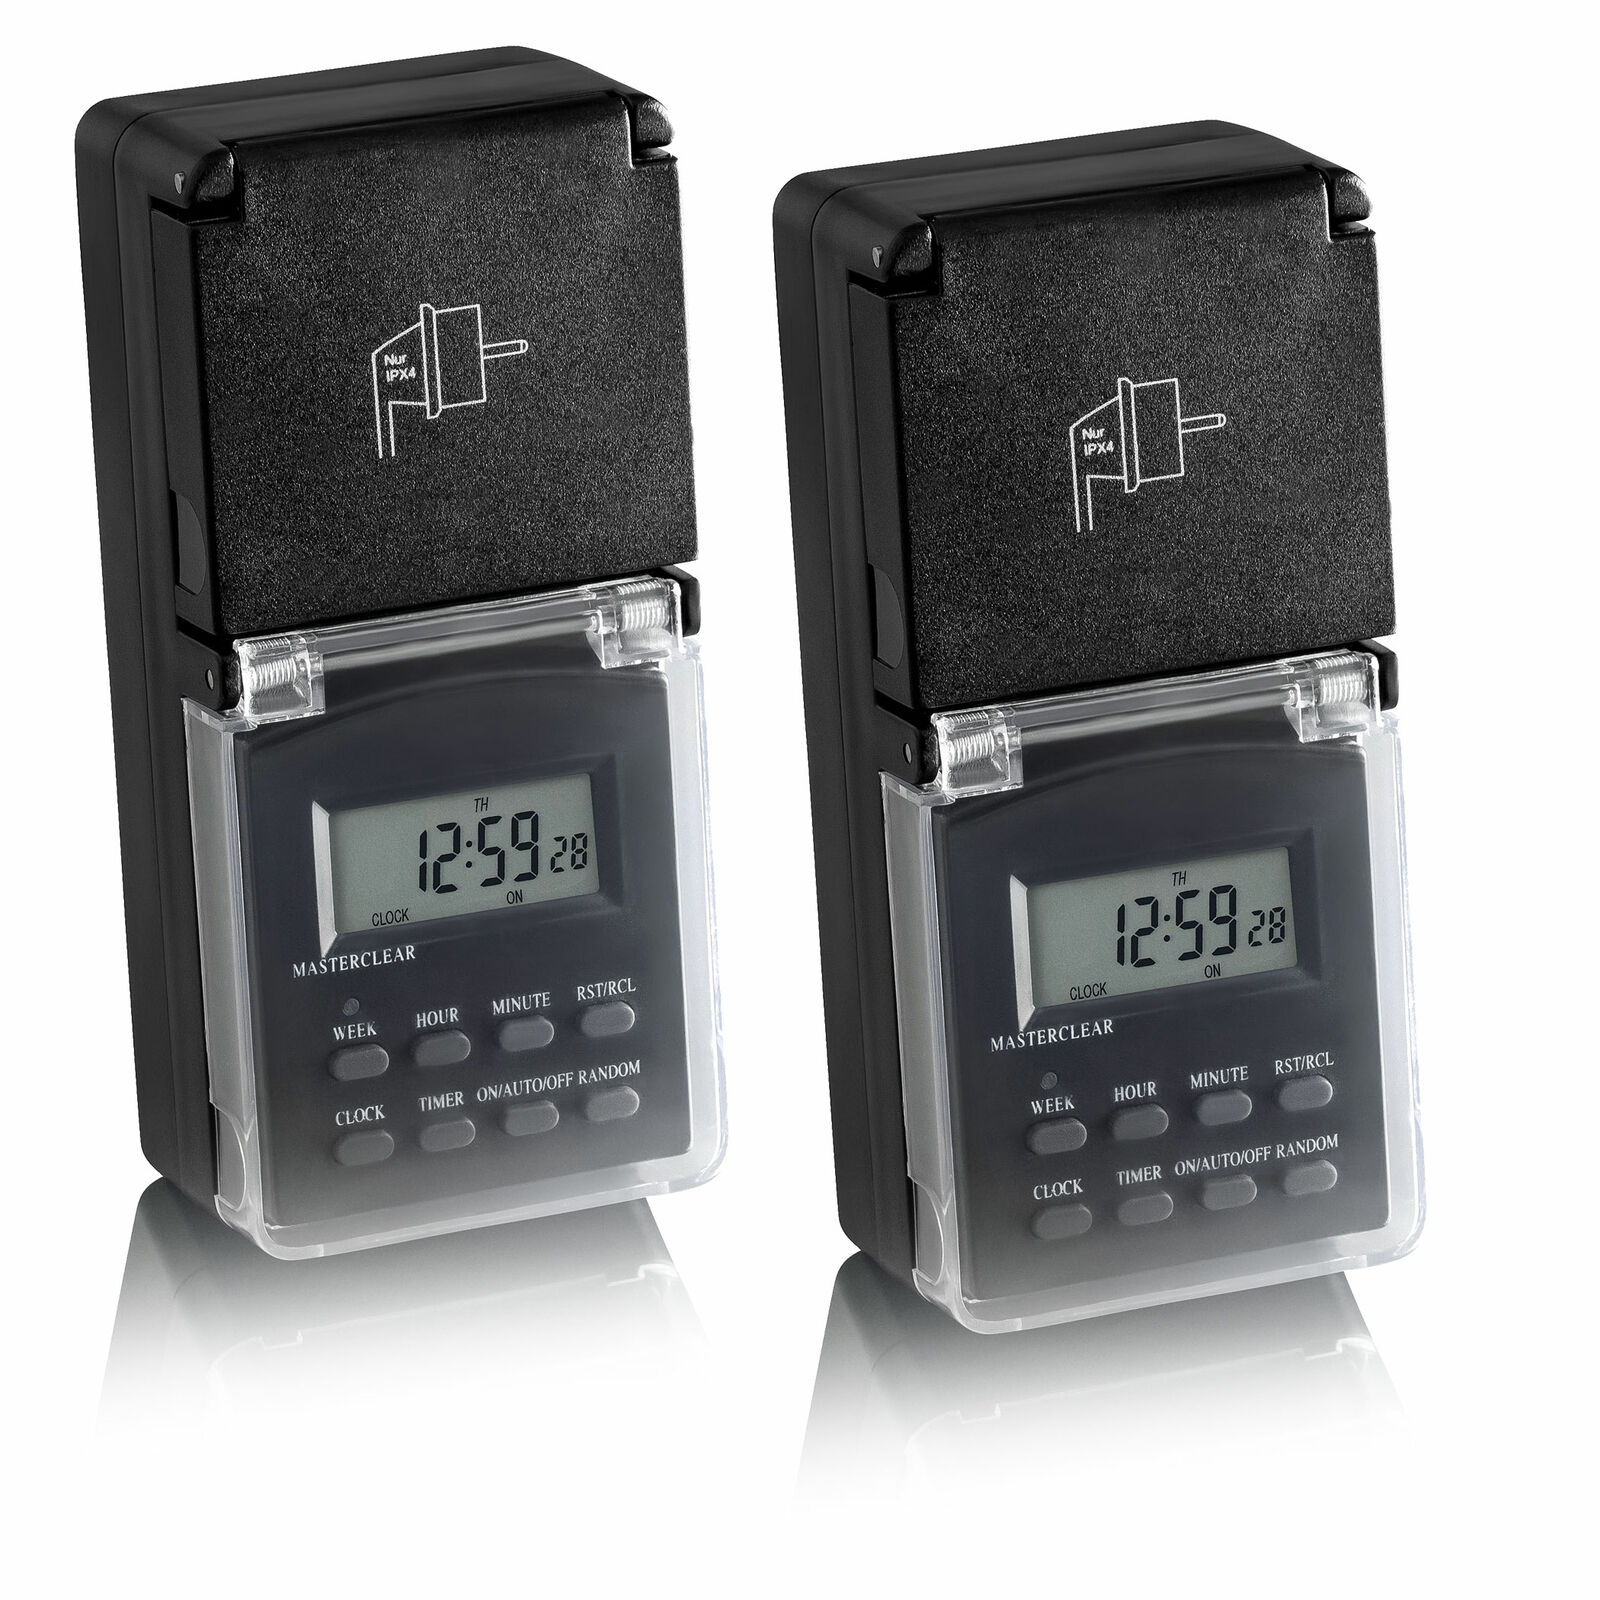 2x Zeitschaltuhr digital programmierbar Außen IP44, Wochentimer 24h Timer SEBSON